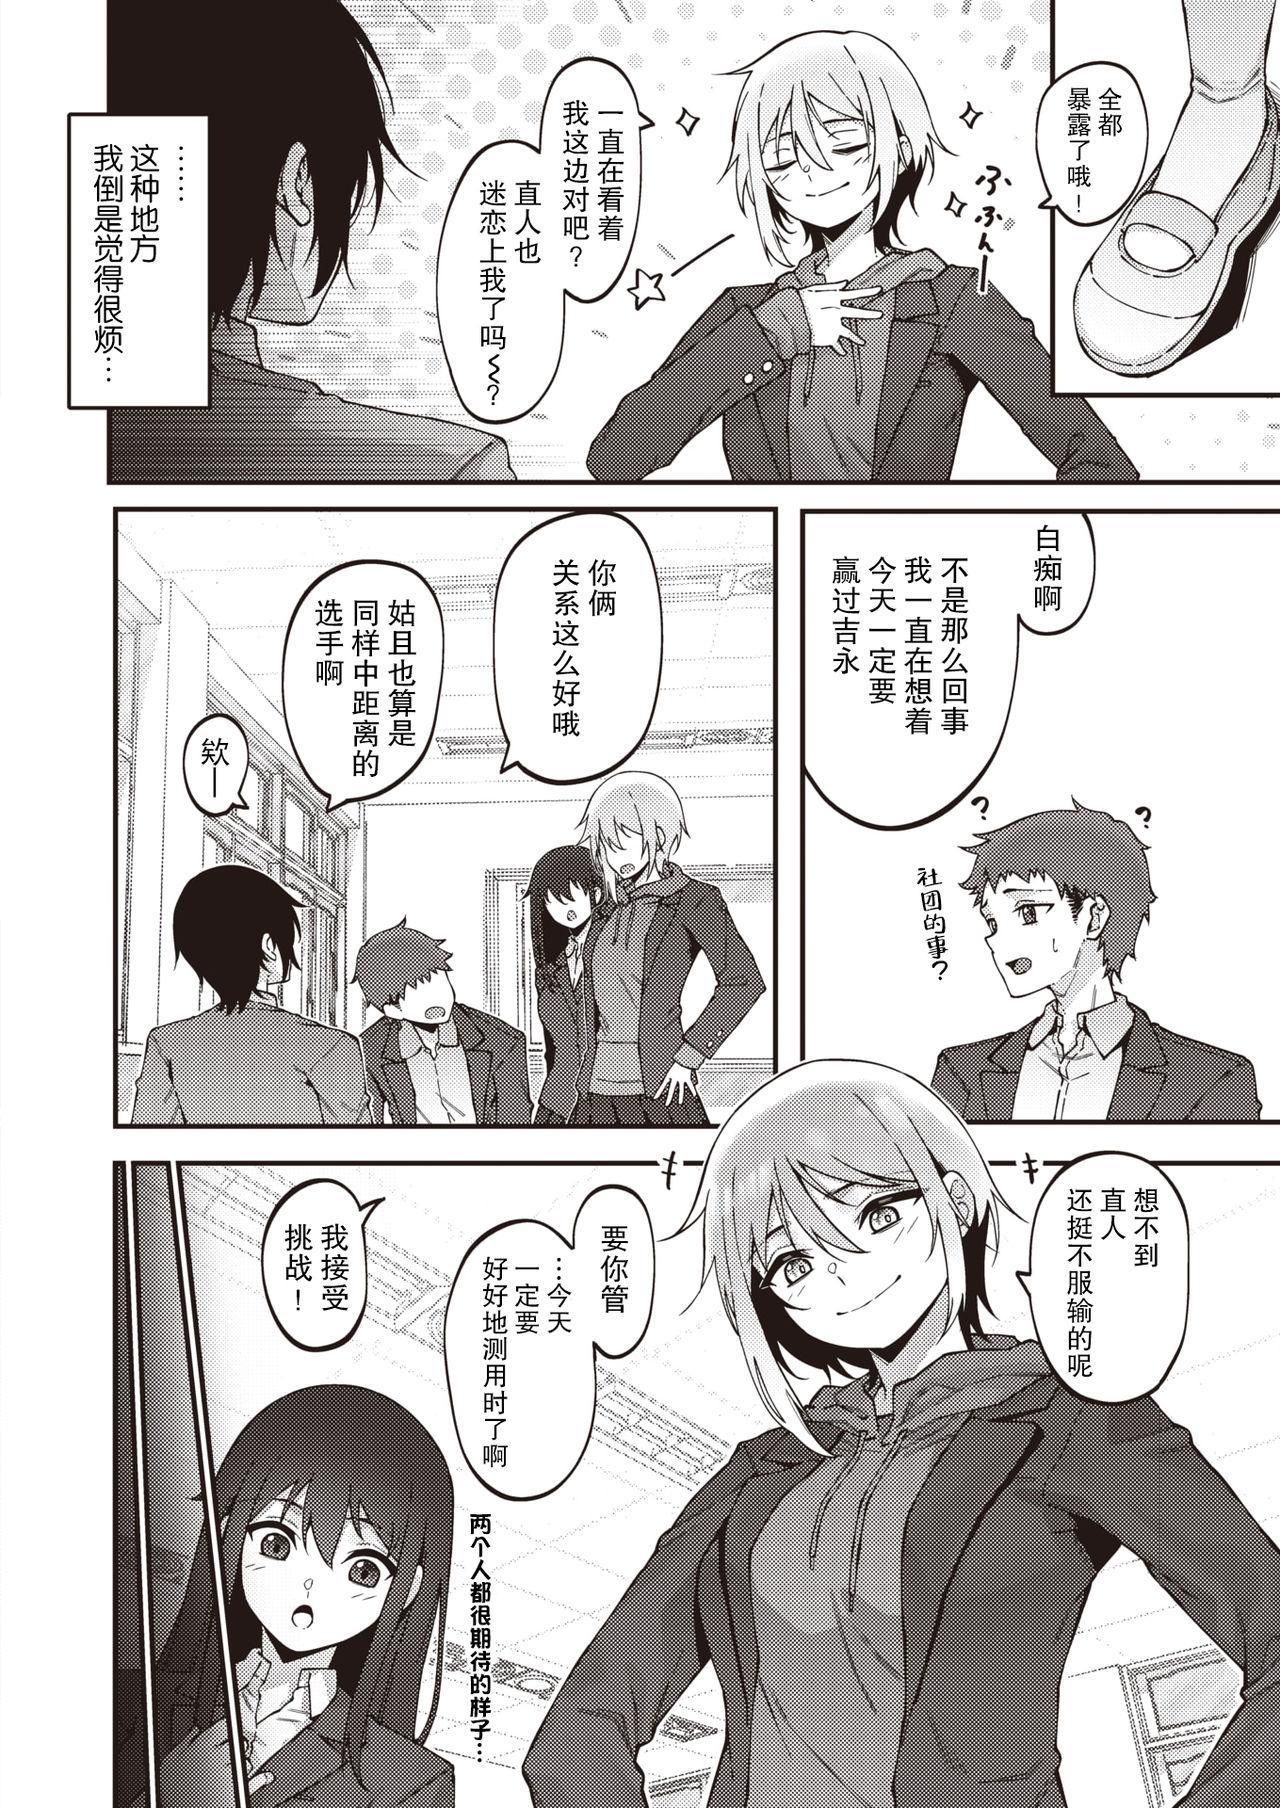 Kakushigoto Hime 4